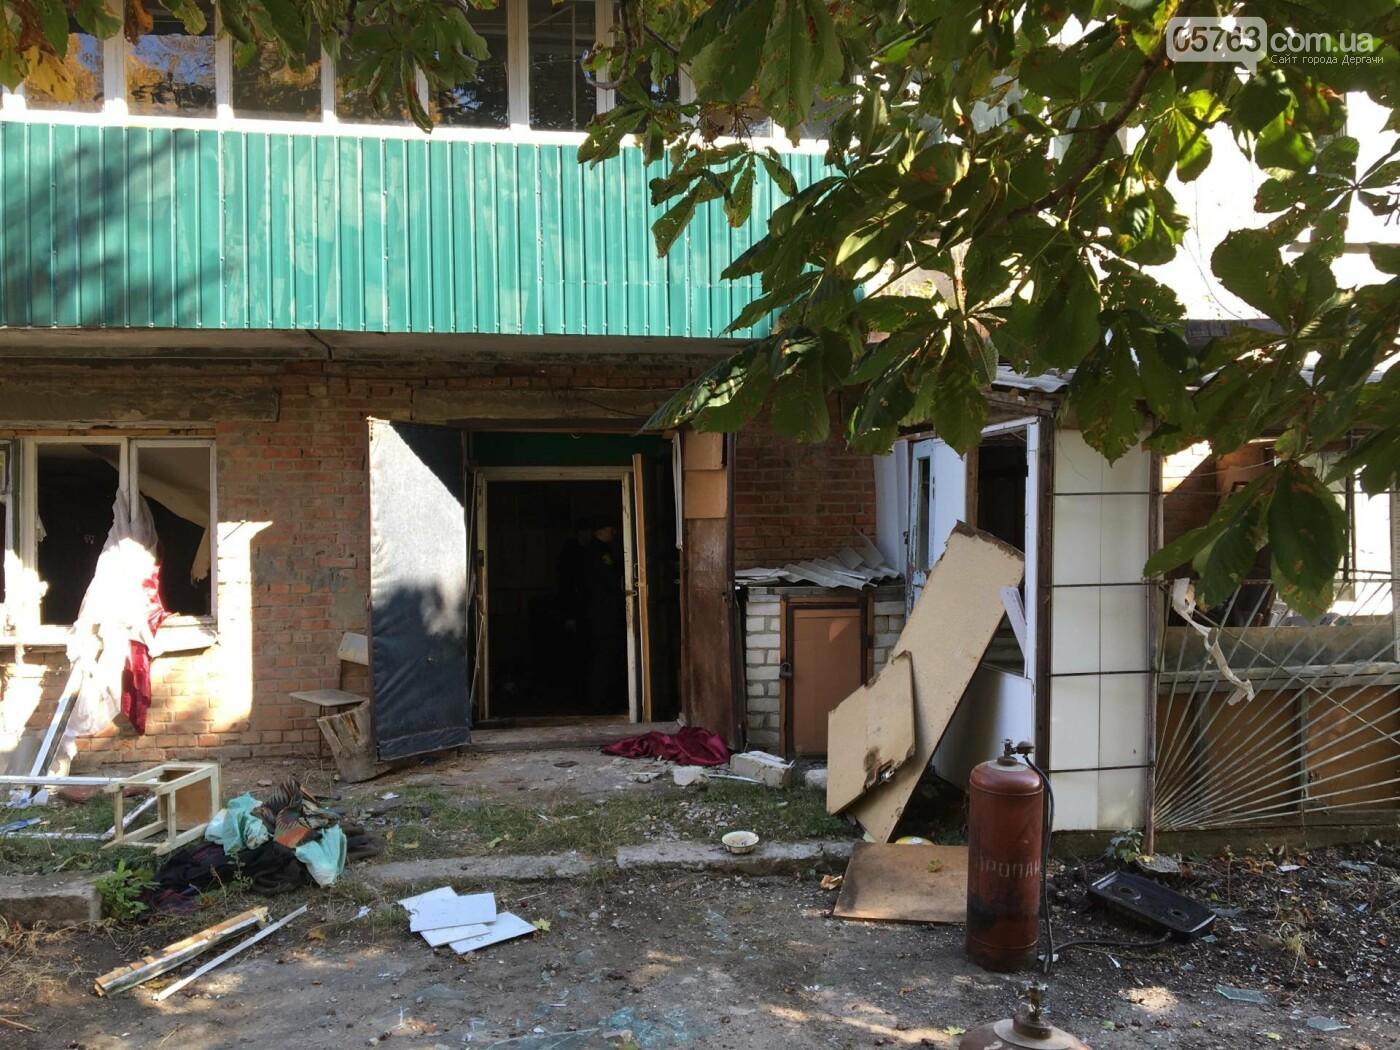 В Дергачах в общежитии прогремел взрыв (Видео), фото-2